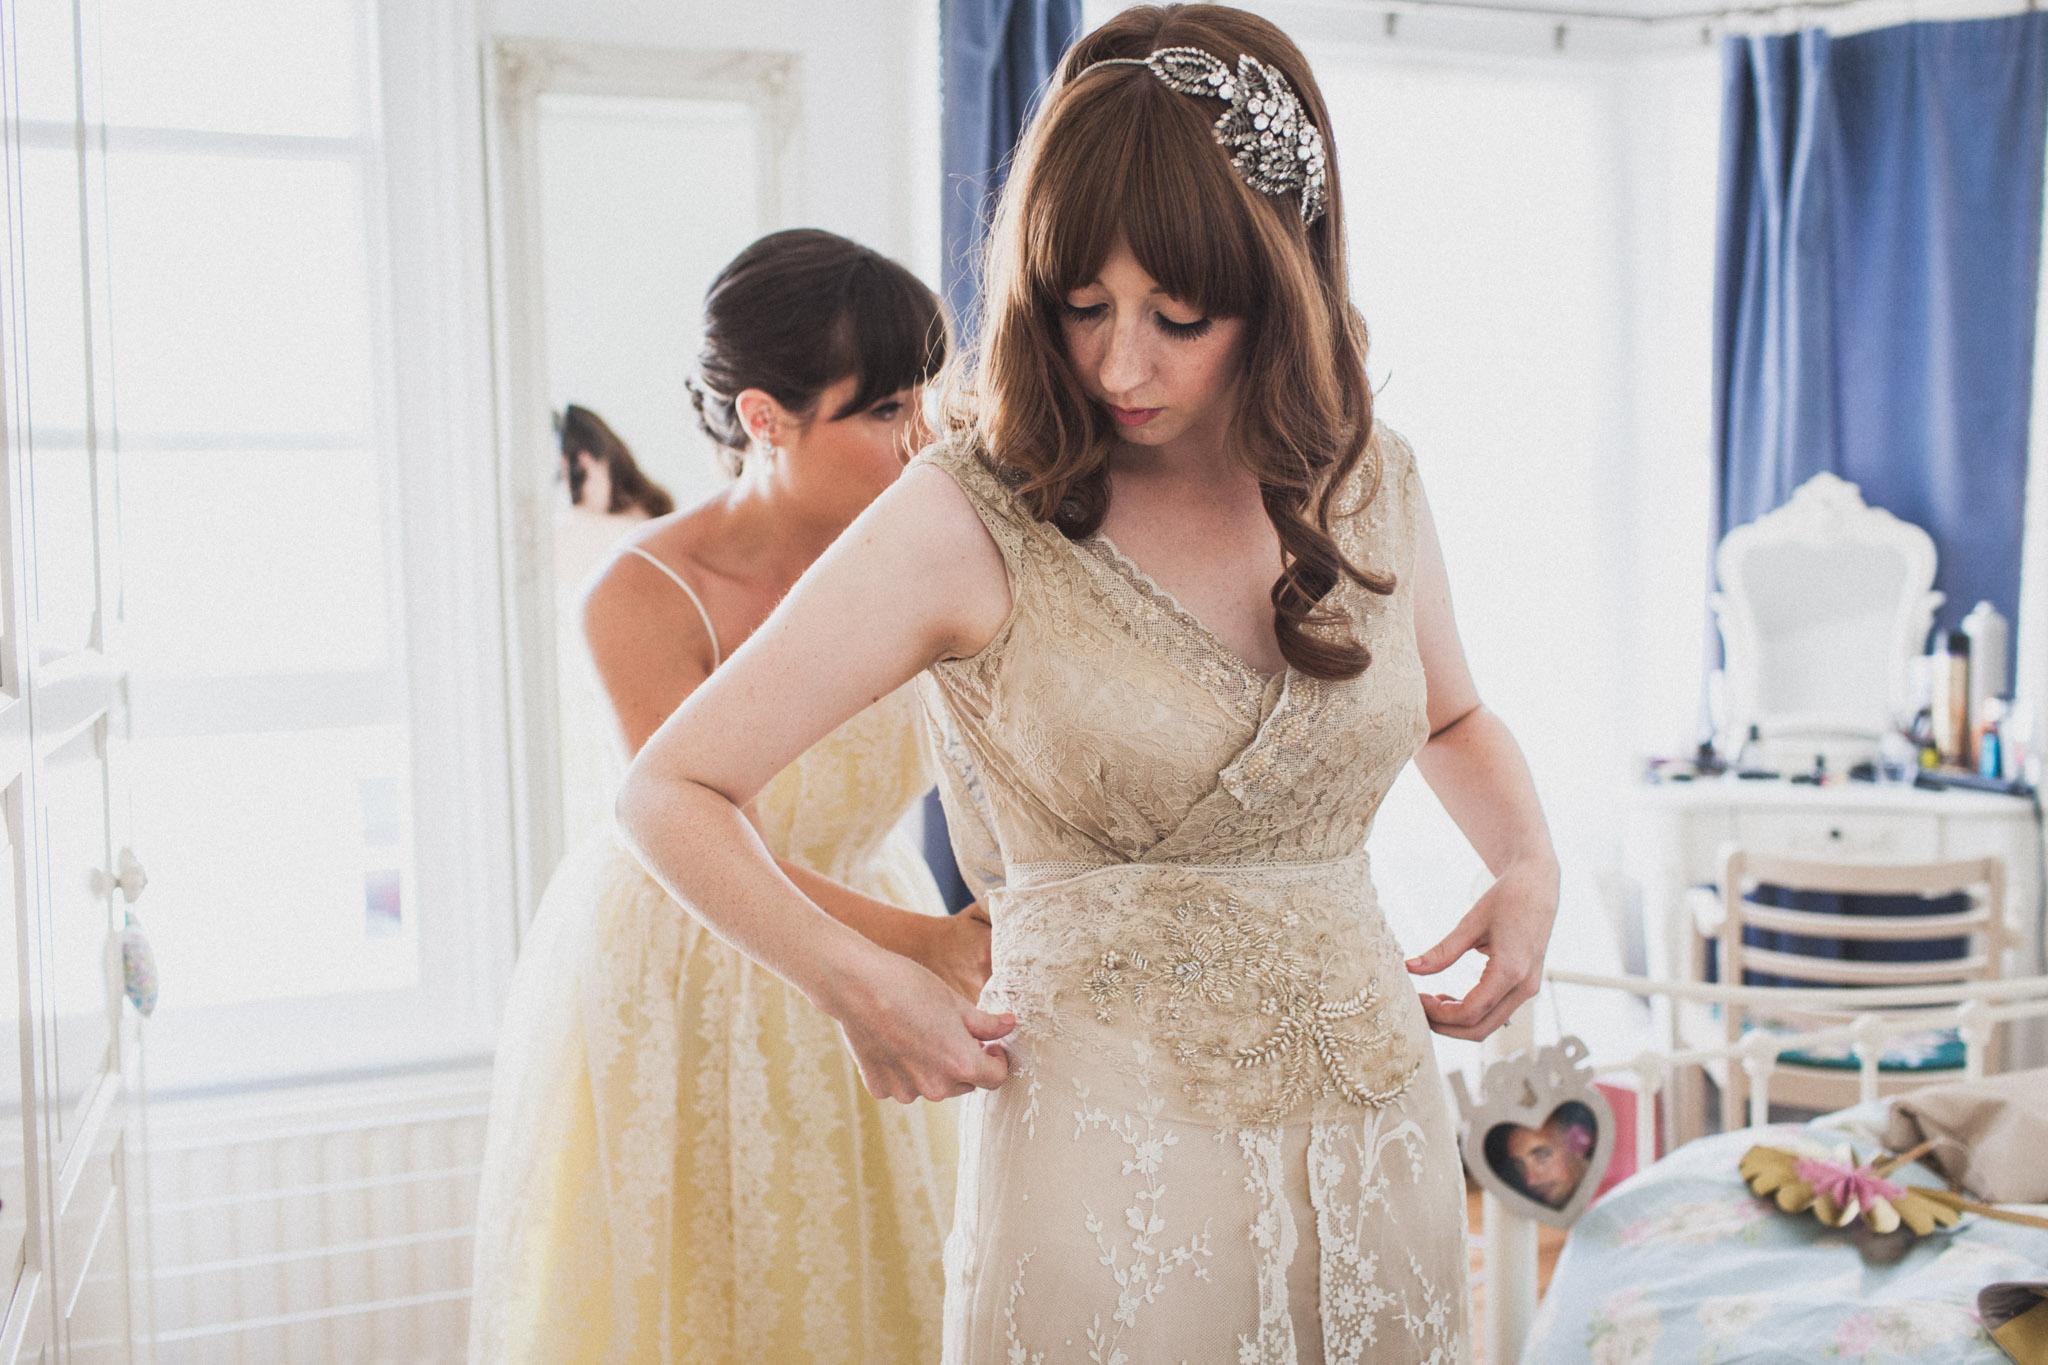 lewes_wedding_photographer_0010.jpg